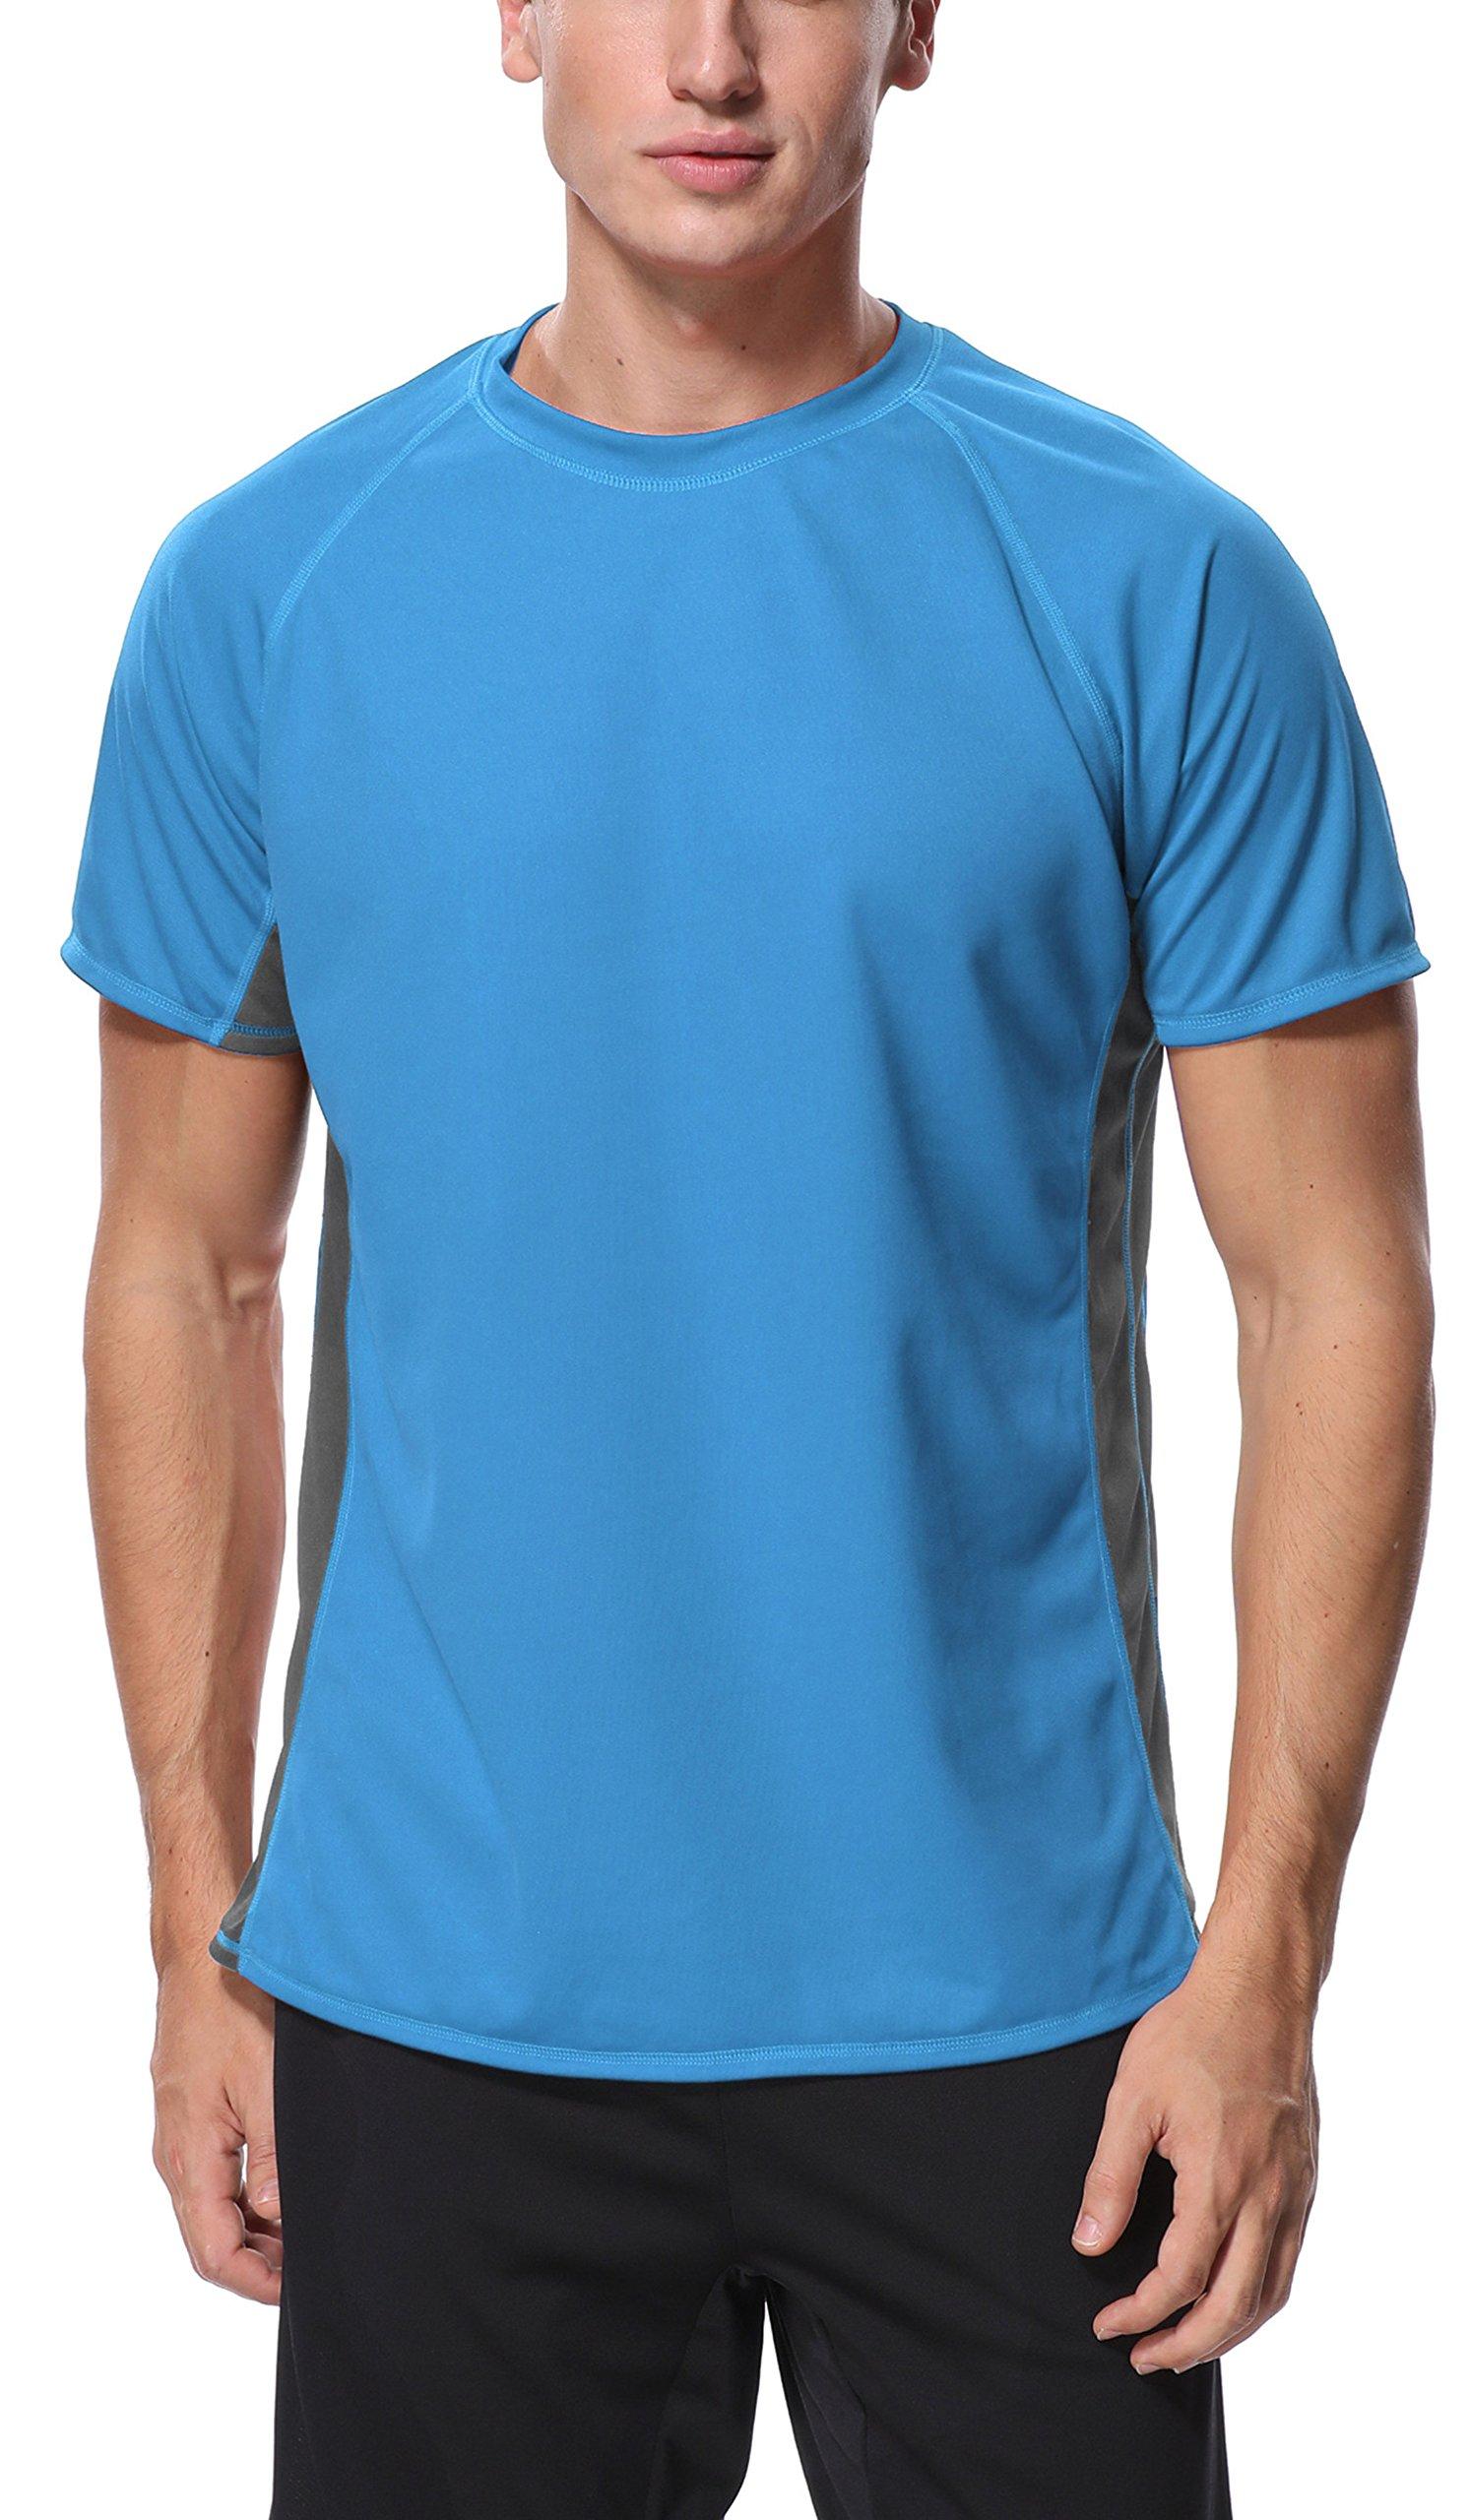 Charmo Loose Swim Shirt Surf Shirt Rash Guard Swimming UV Shirt Short Sleeve Swim Top M by Charmo